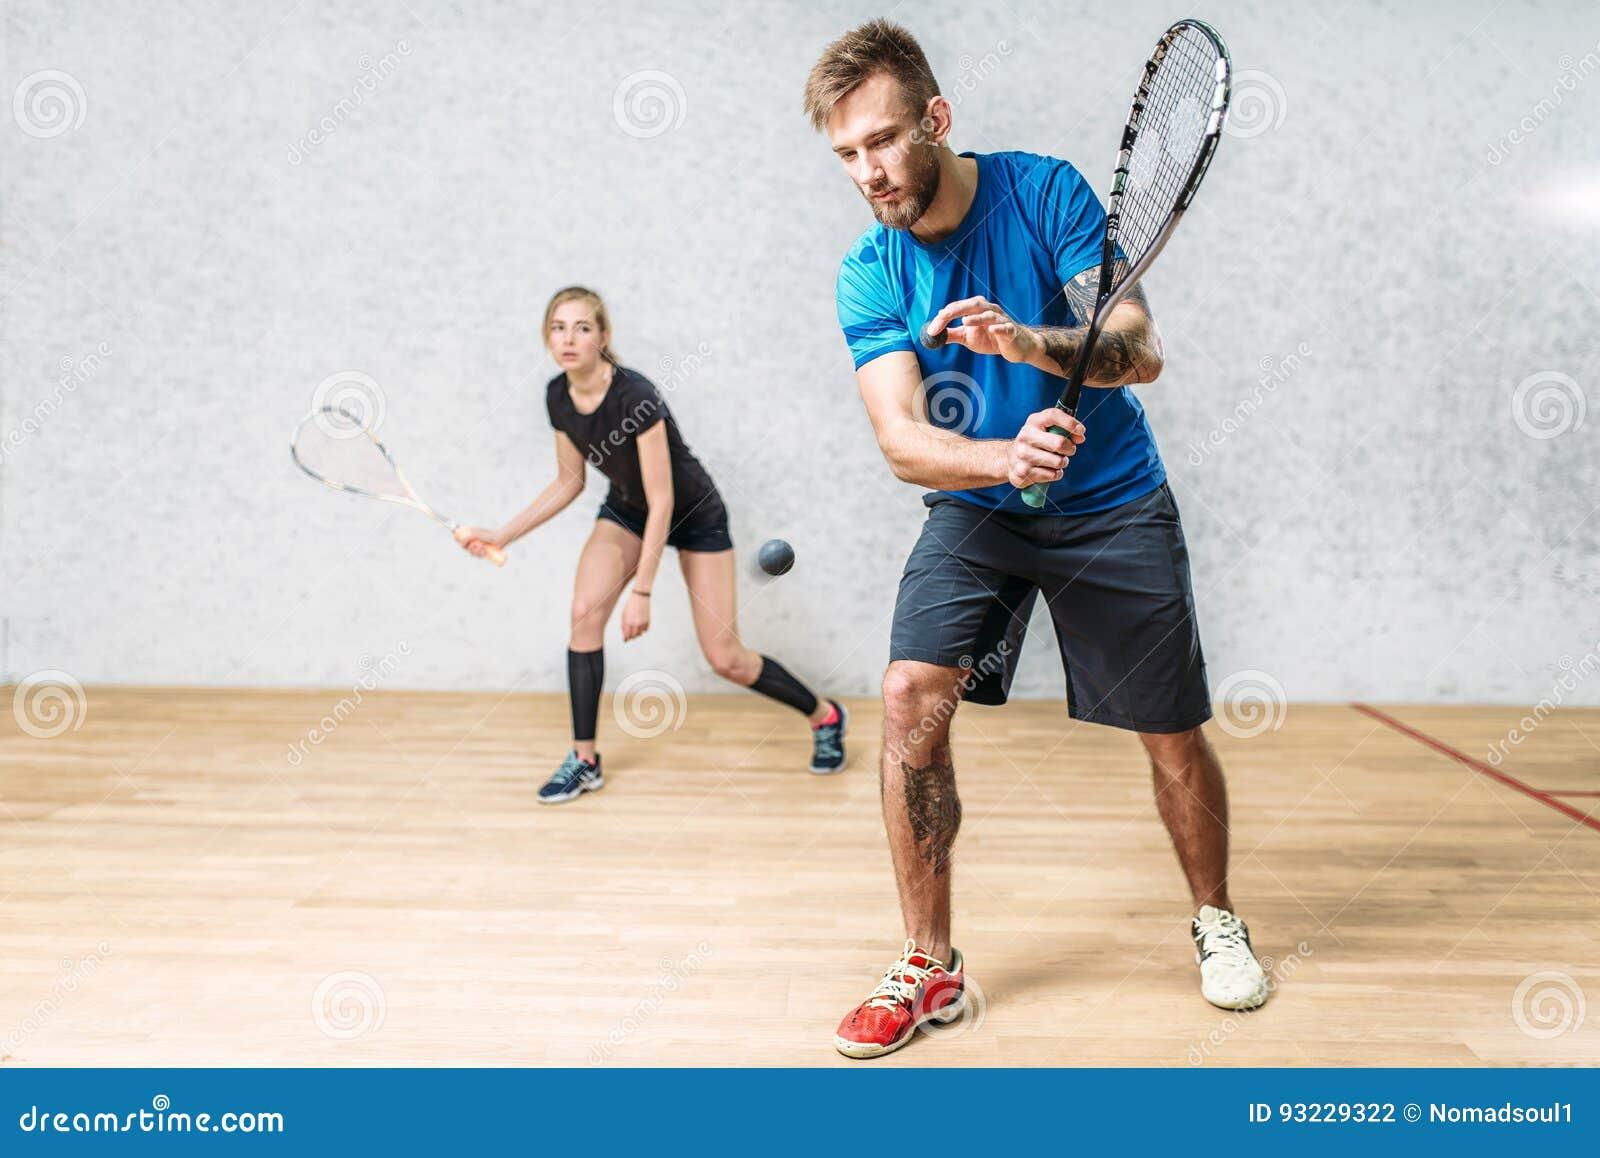 Koppla ihop med squashracket, inomhus utbildningsklubba